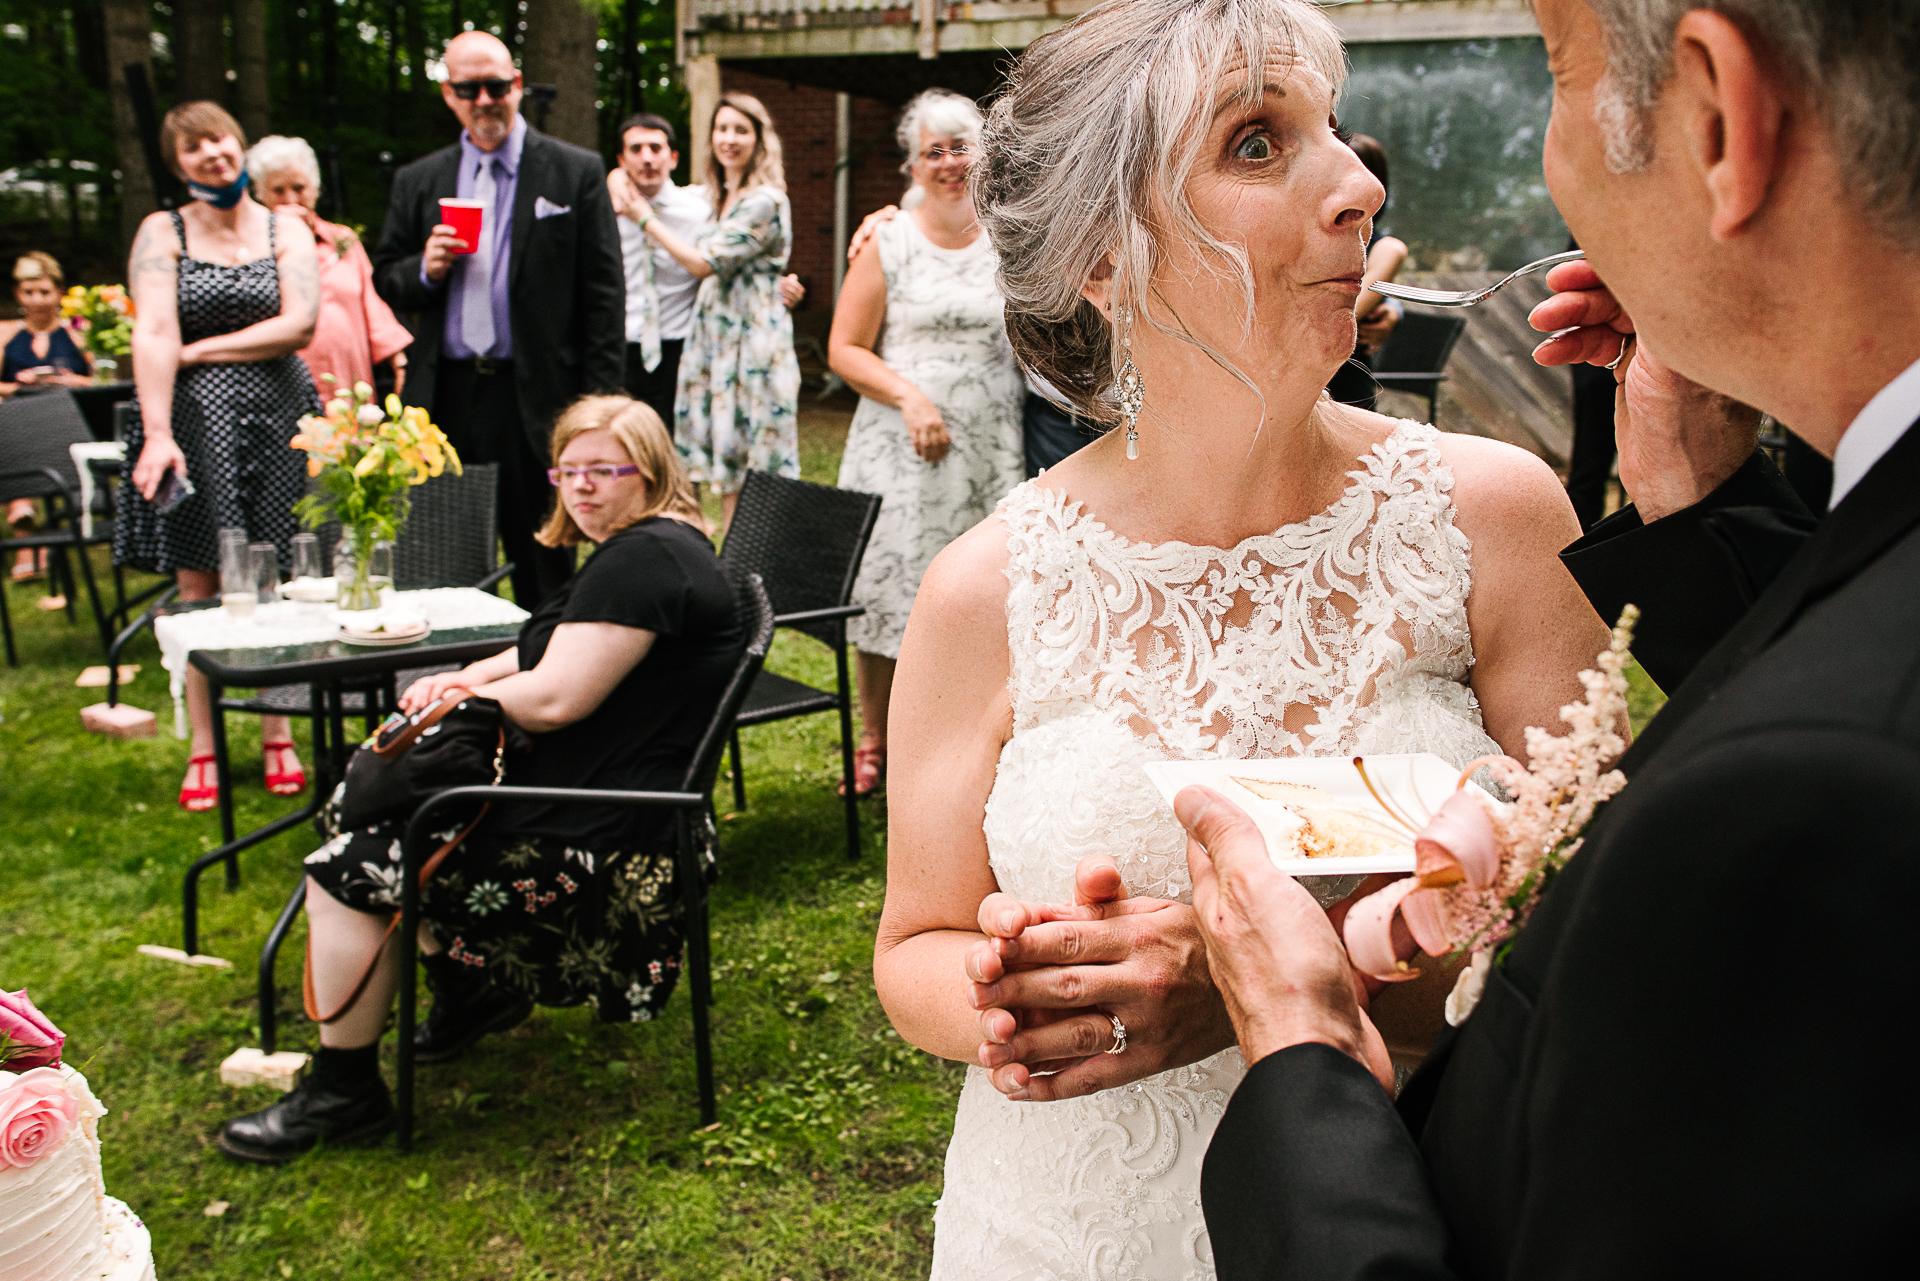 Ontario Outdoor Elopement Photographer | Feeding cake during their backyard, outdoor wedding reception